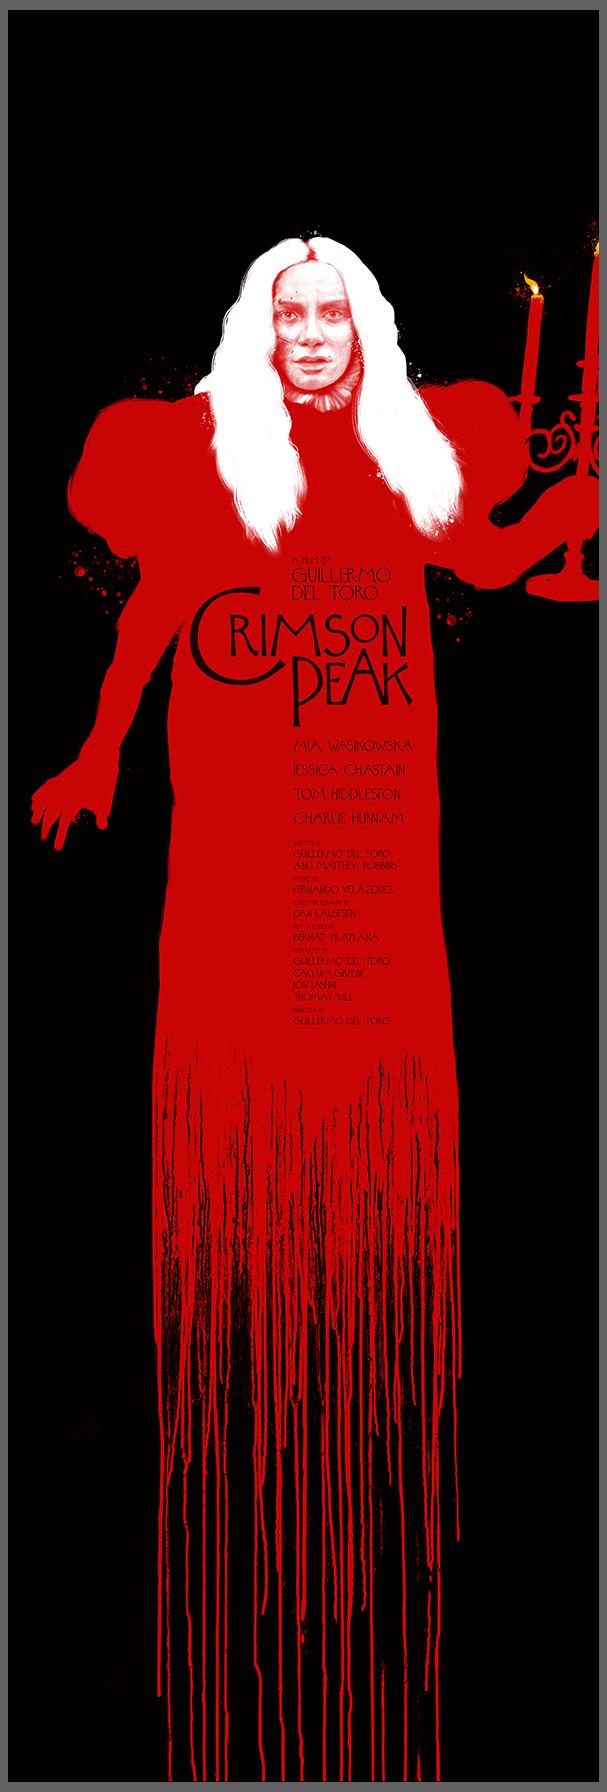 Crimson Peak by Andrew Swainson